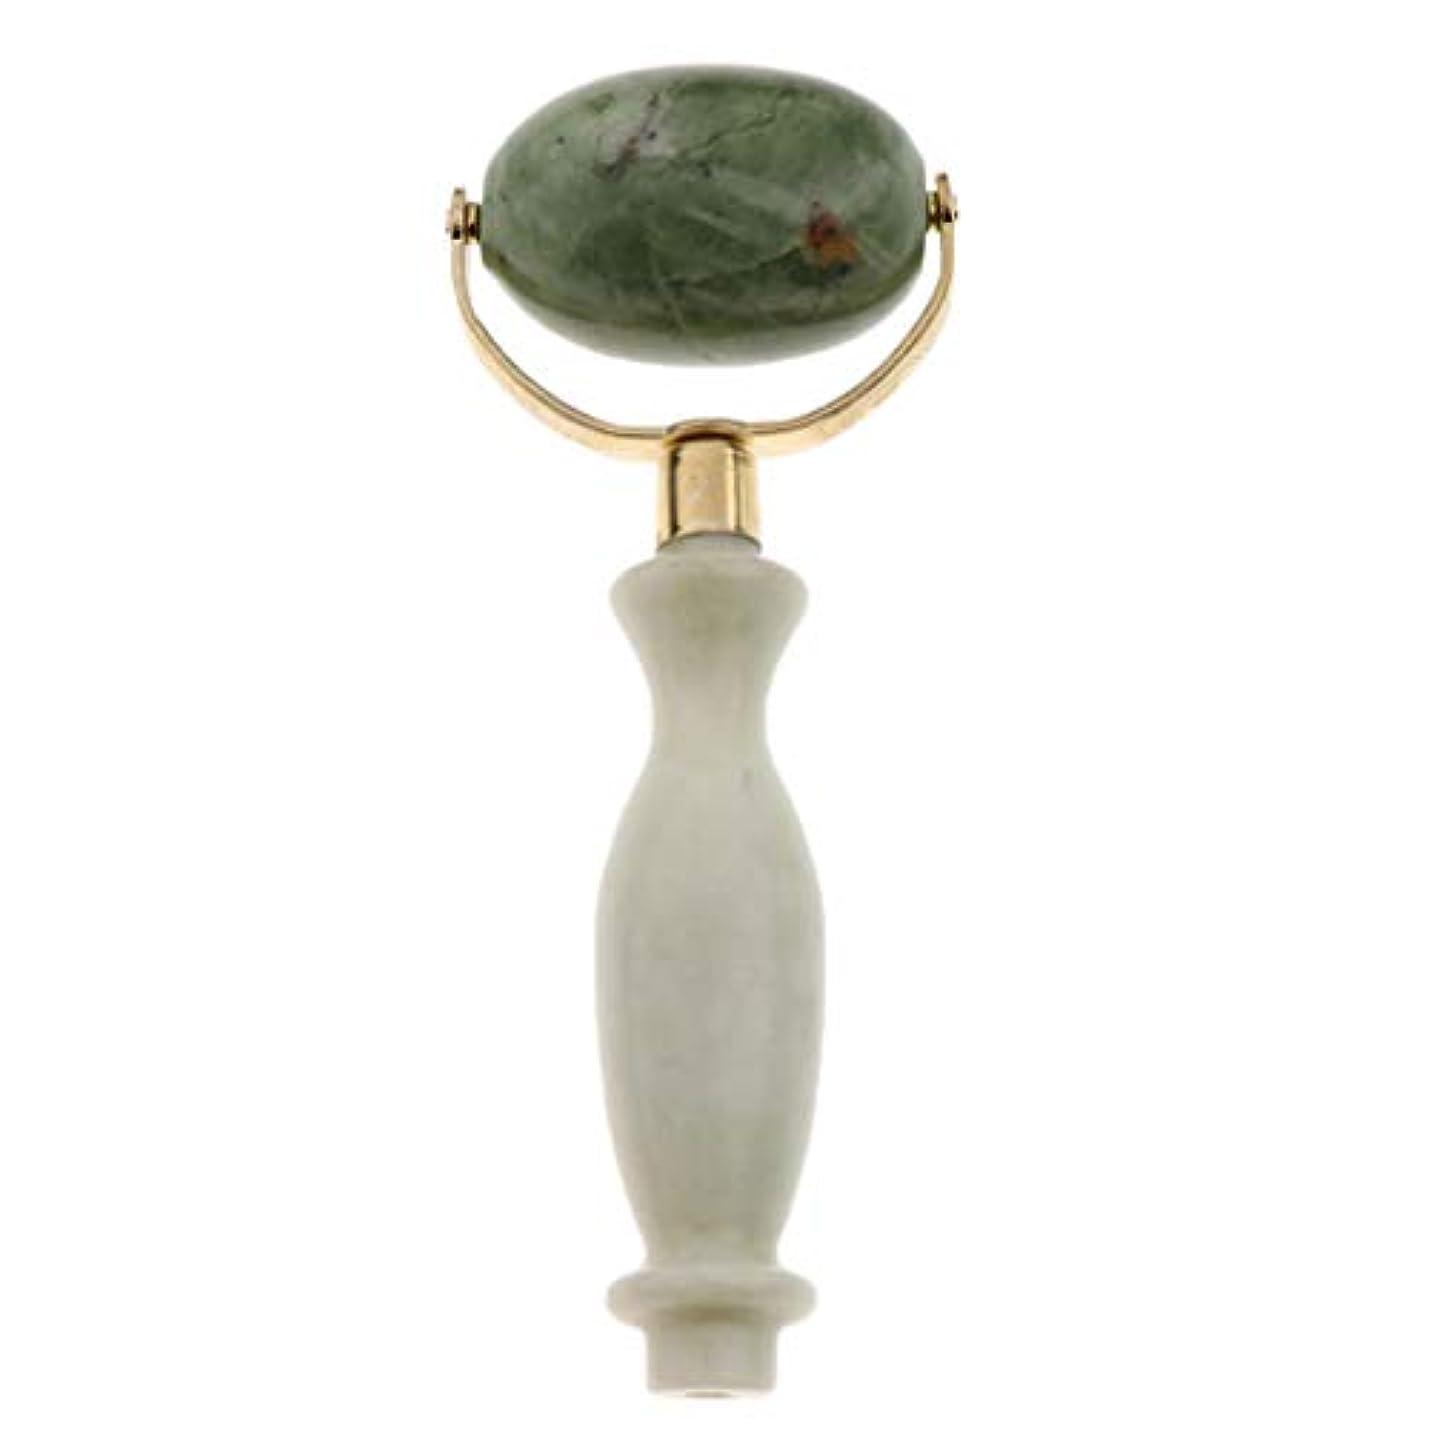 致命的なくぼみ舗装美容ローラー 美顔ローラー フェイシャル マッサージ 美顔器 美肌 天然 翡翠石 2種選ぶ 健康 - スタイル2